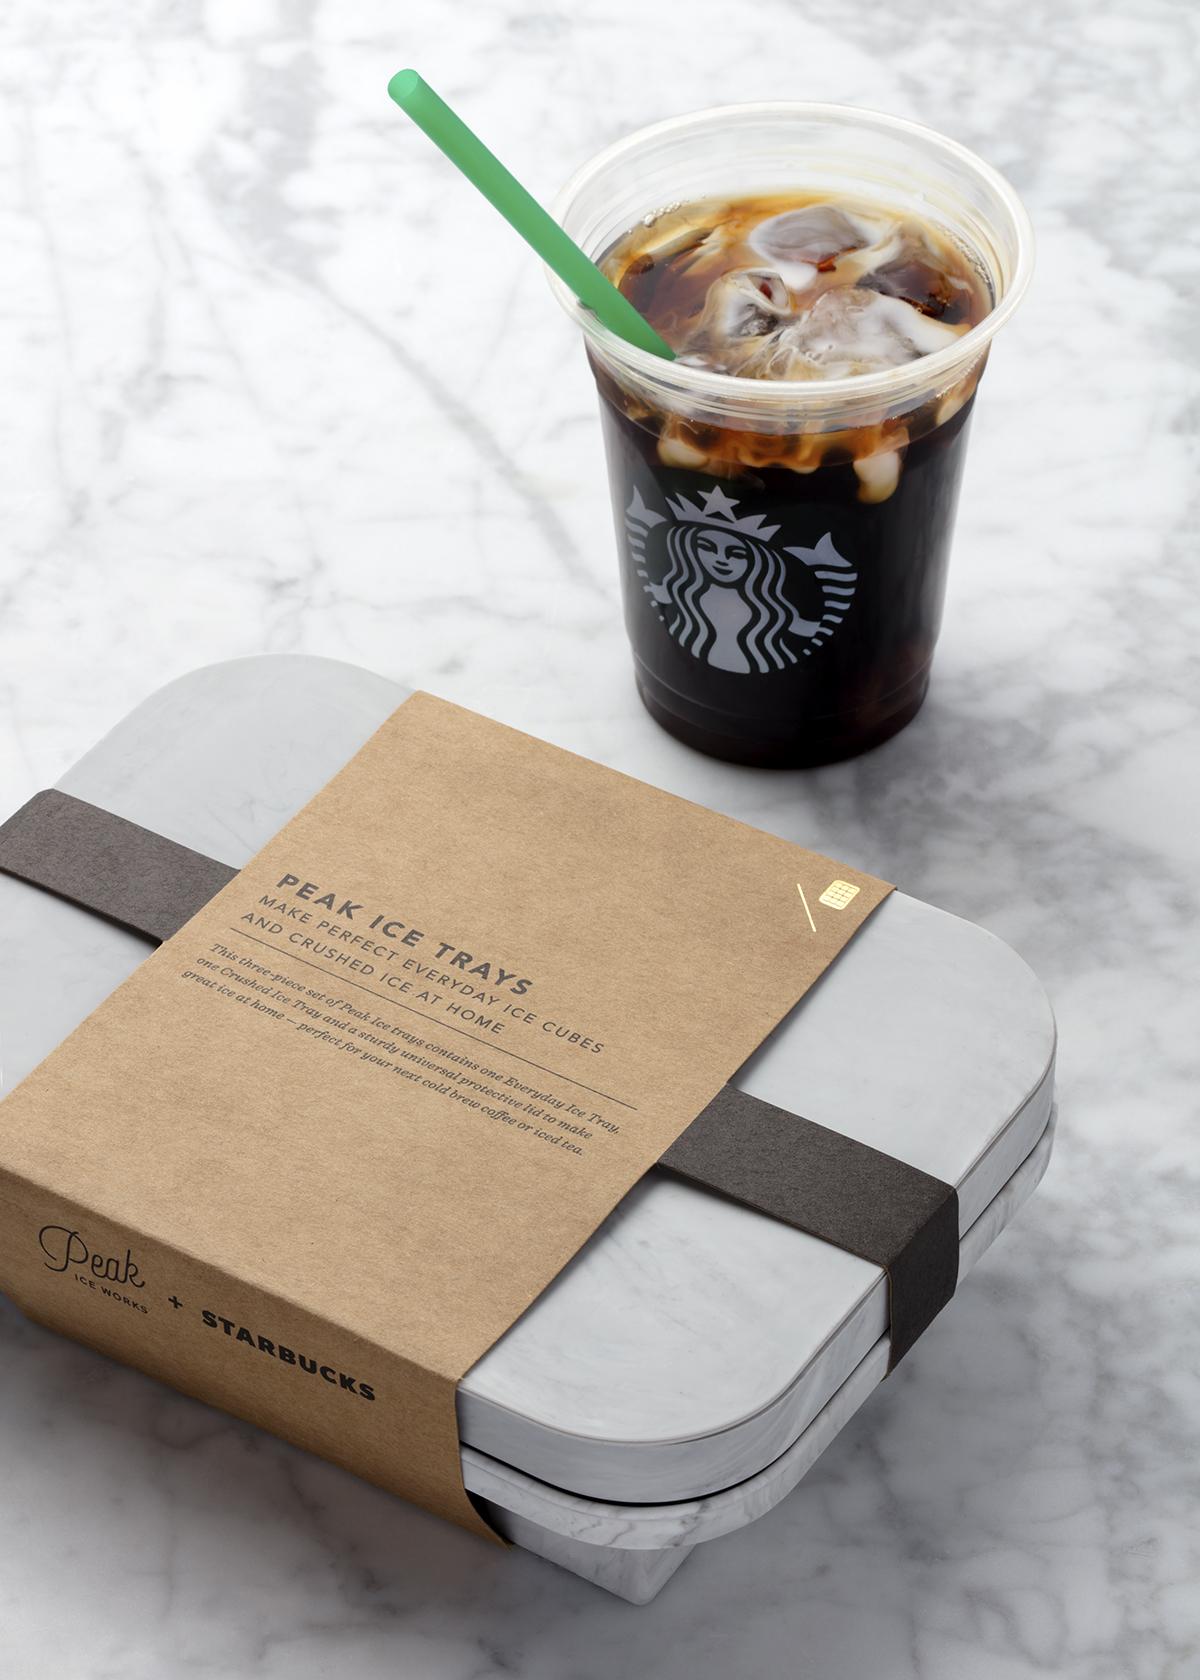 wp_peak_starbucks_packaging